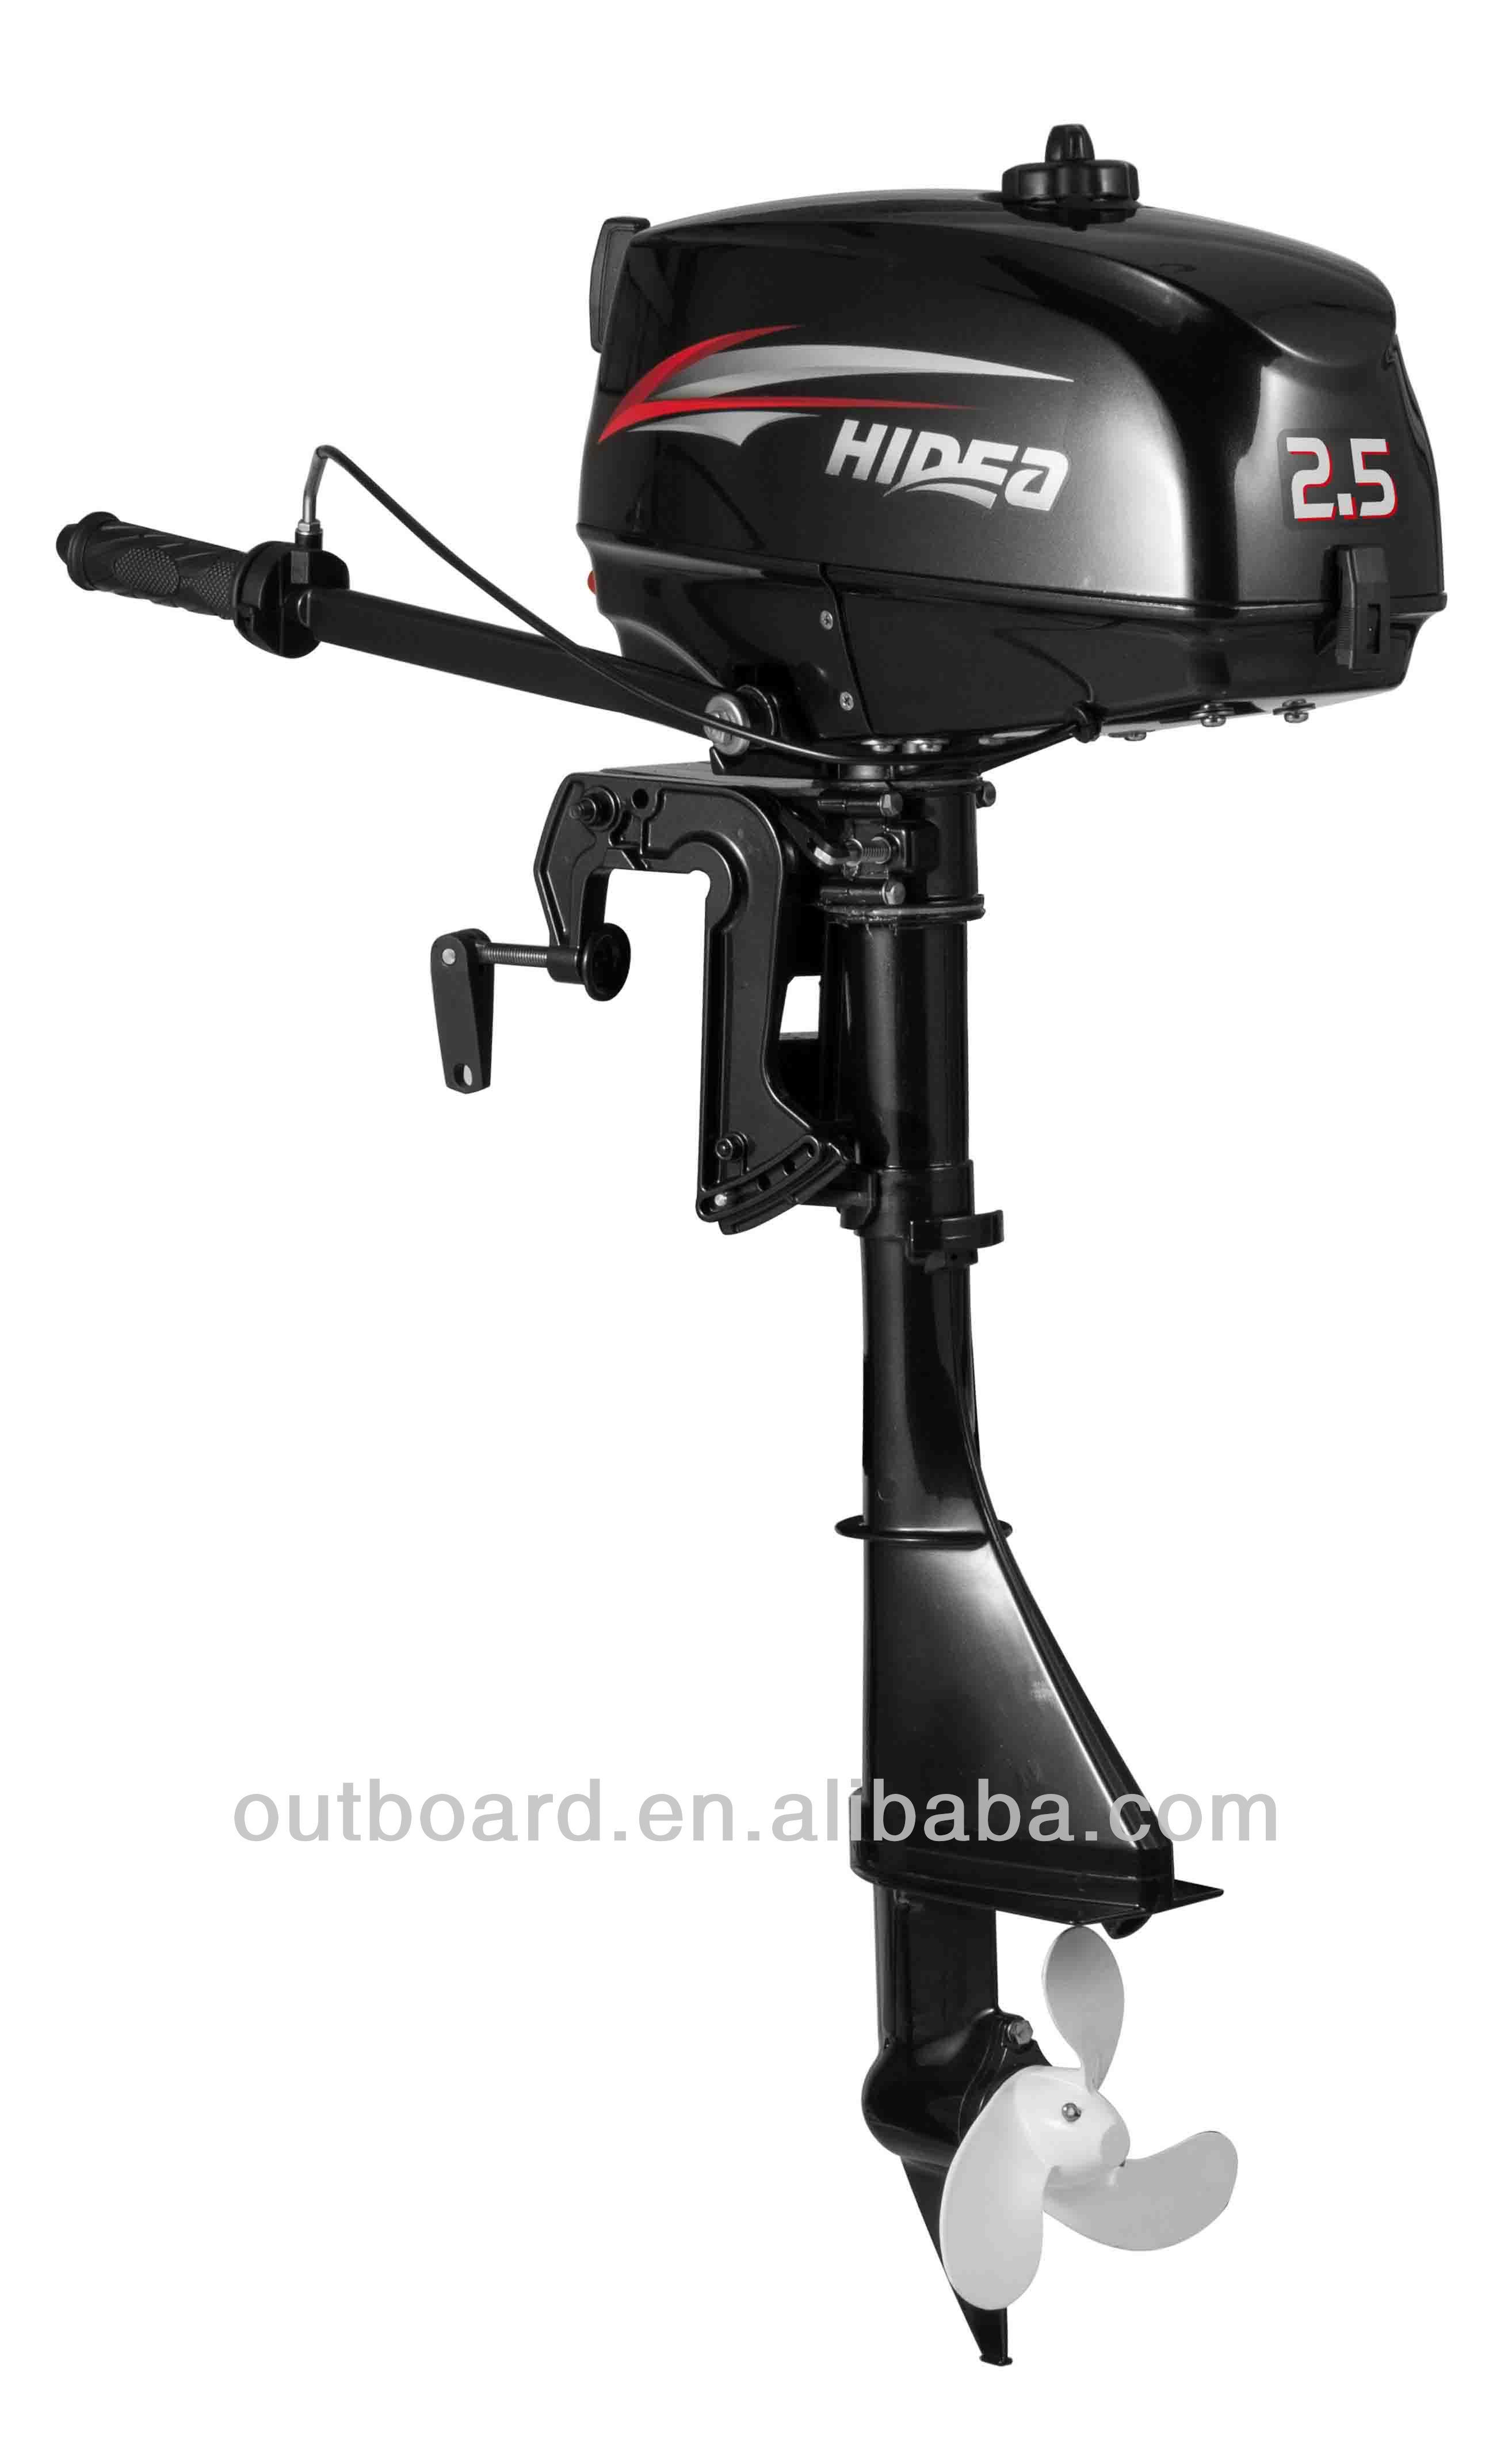 2 Stroke Outboard Motor Hidea Outboard Motor View